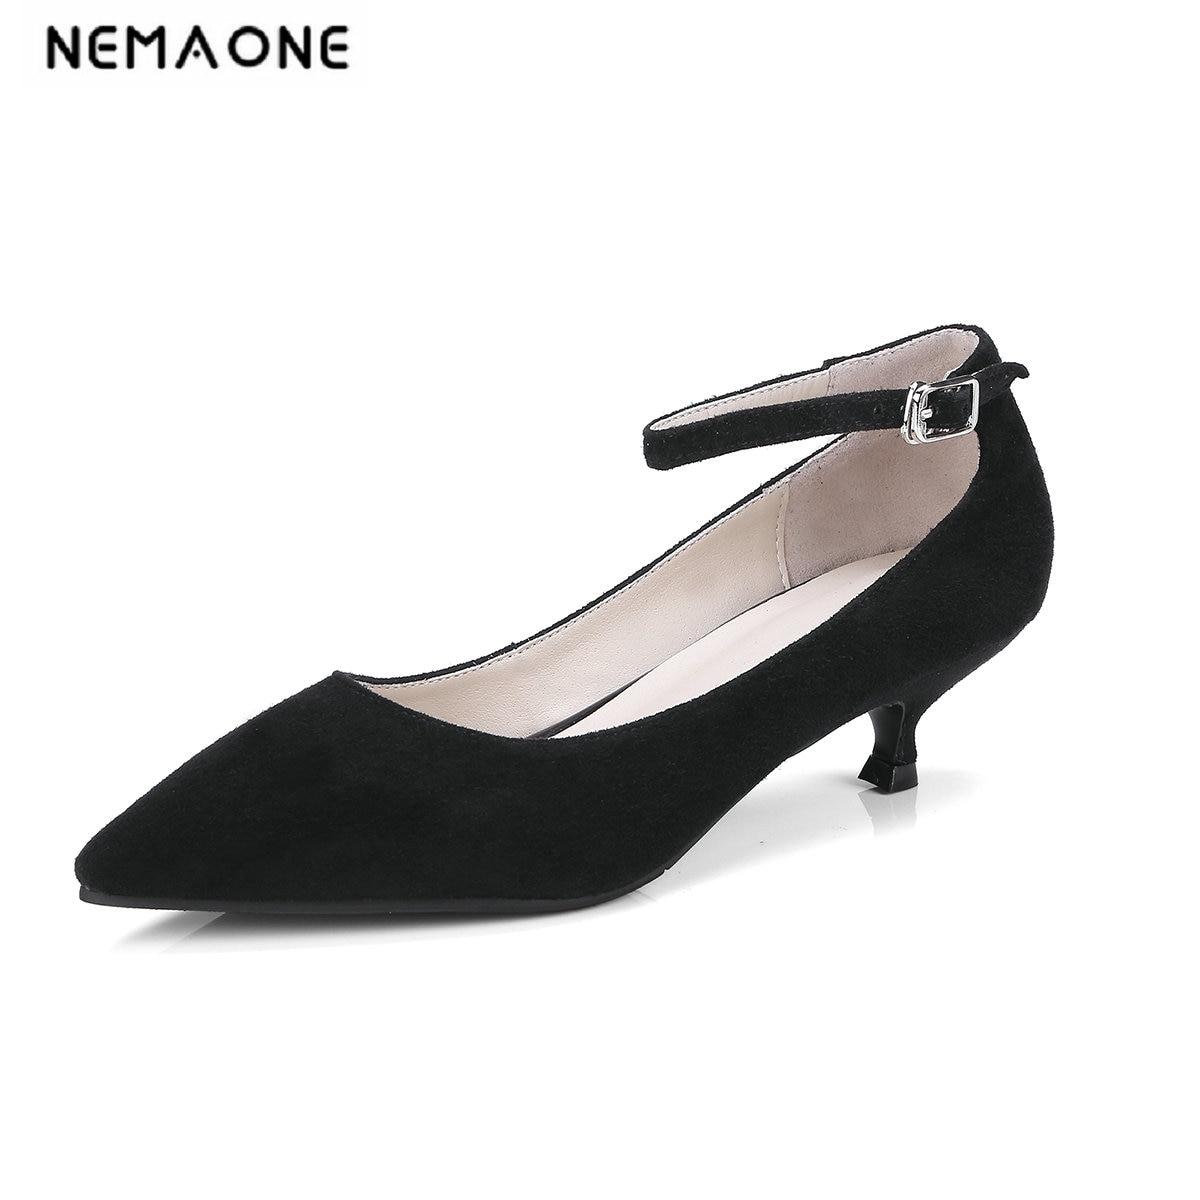 Здесь можно купить  NEMAONE 2019 new Suede leather Women